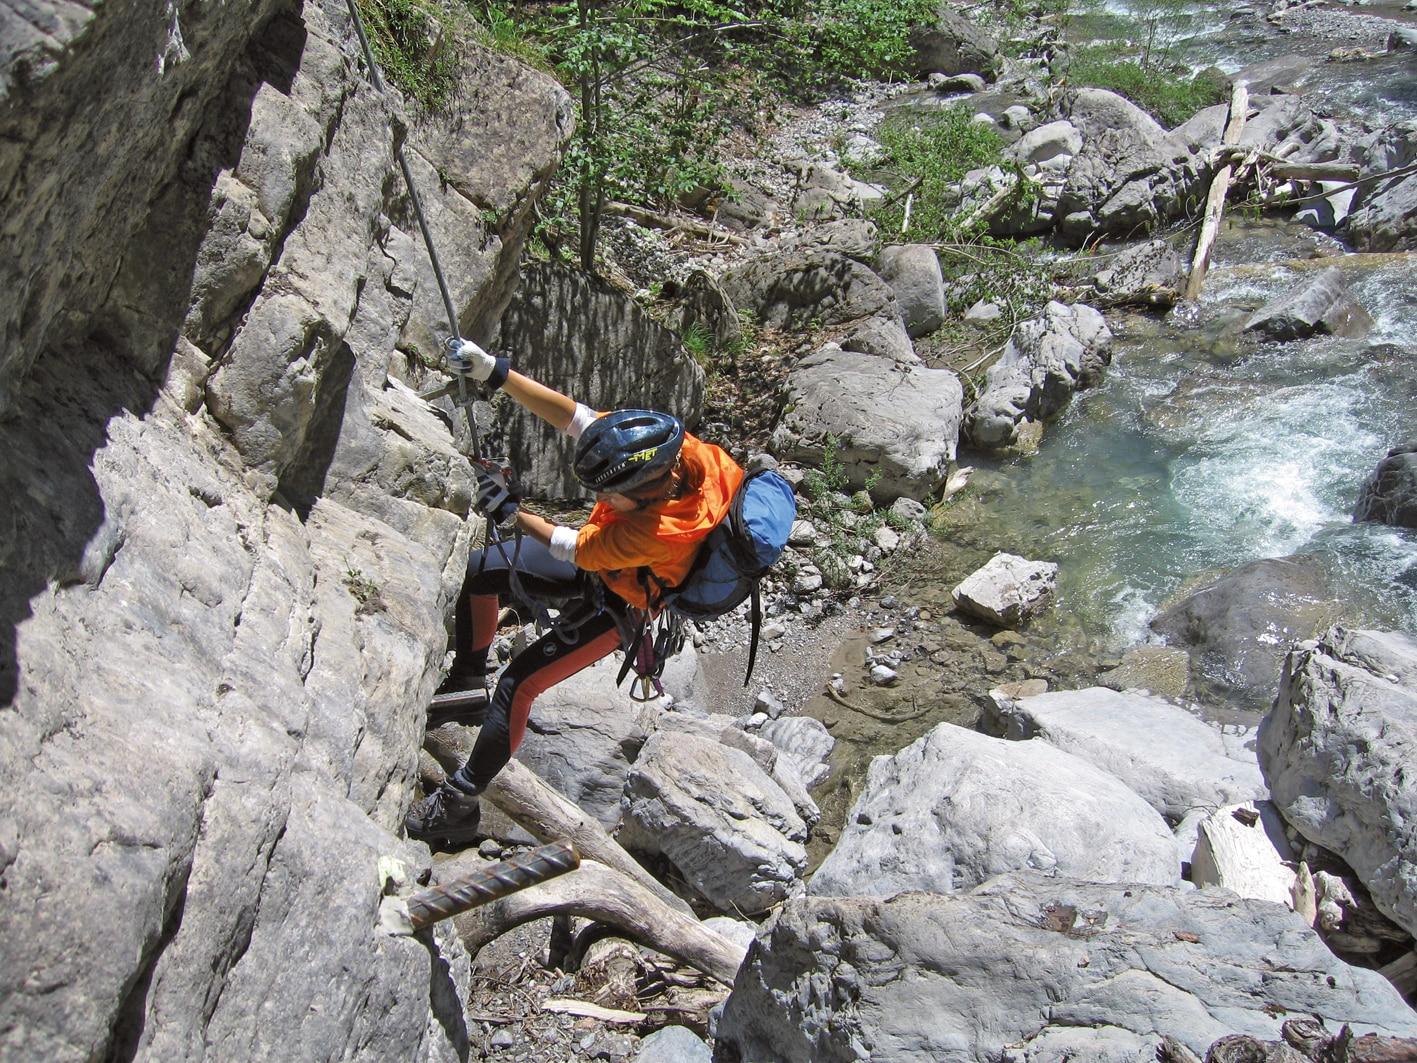 Klettersteig Katrin : Geführter katrin klettersteig salzburg adventures